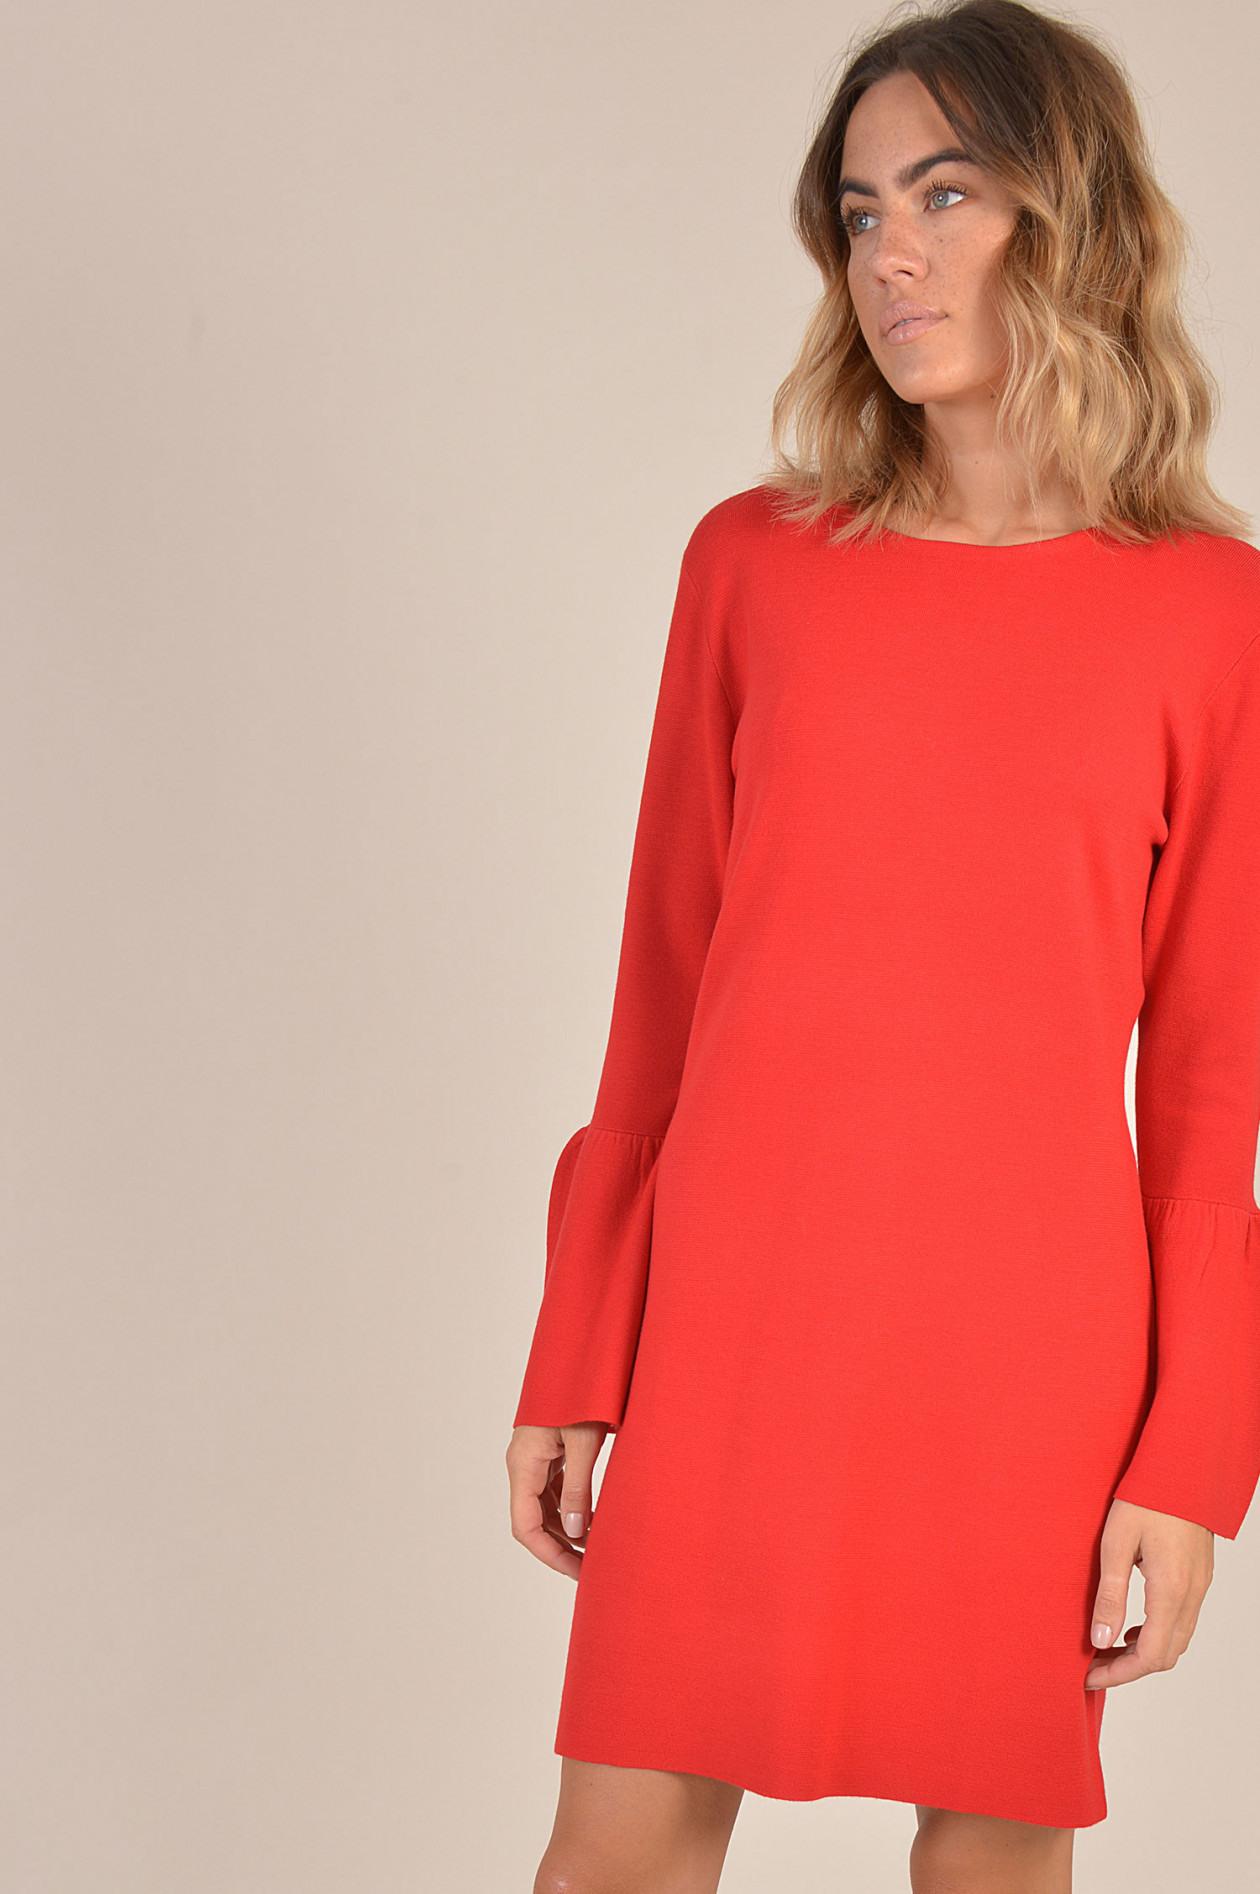 Designer Ausgezeichnet Kleider In Rot SpezialgebietDesigner Perfekt Kleider In Rot Spezialgebiet